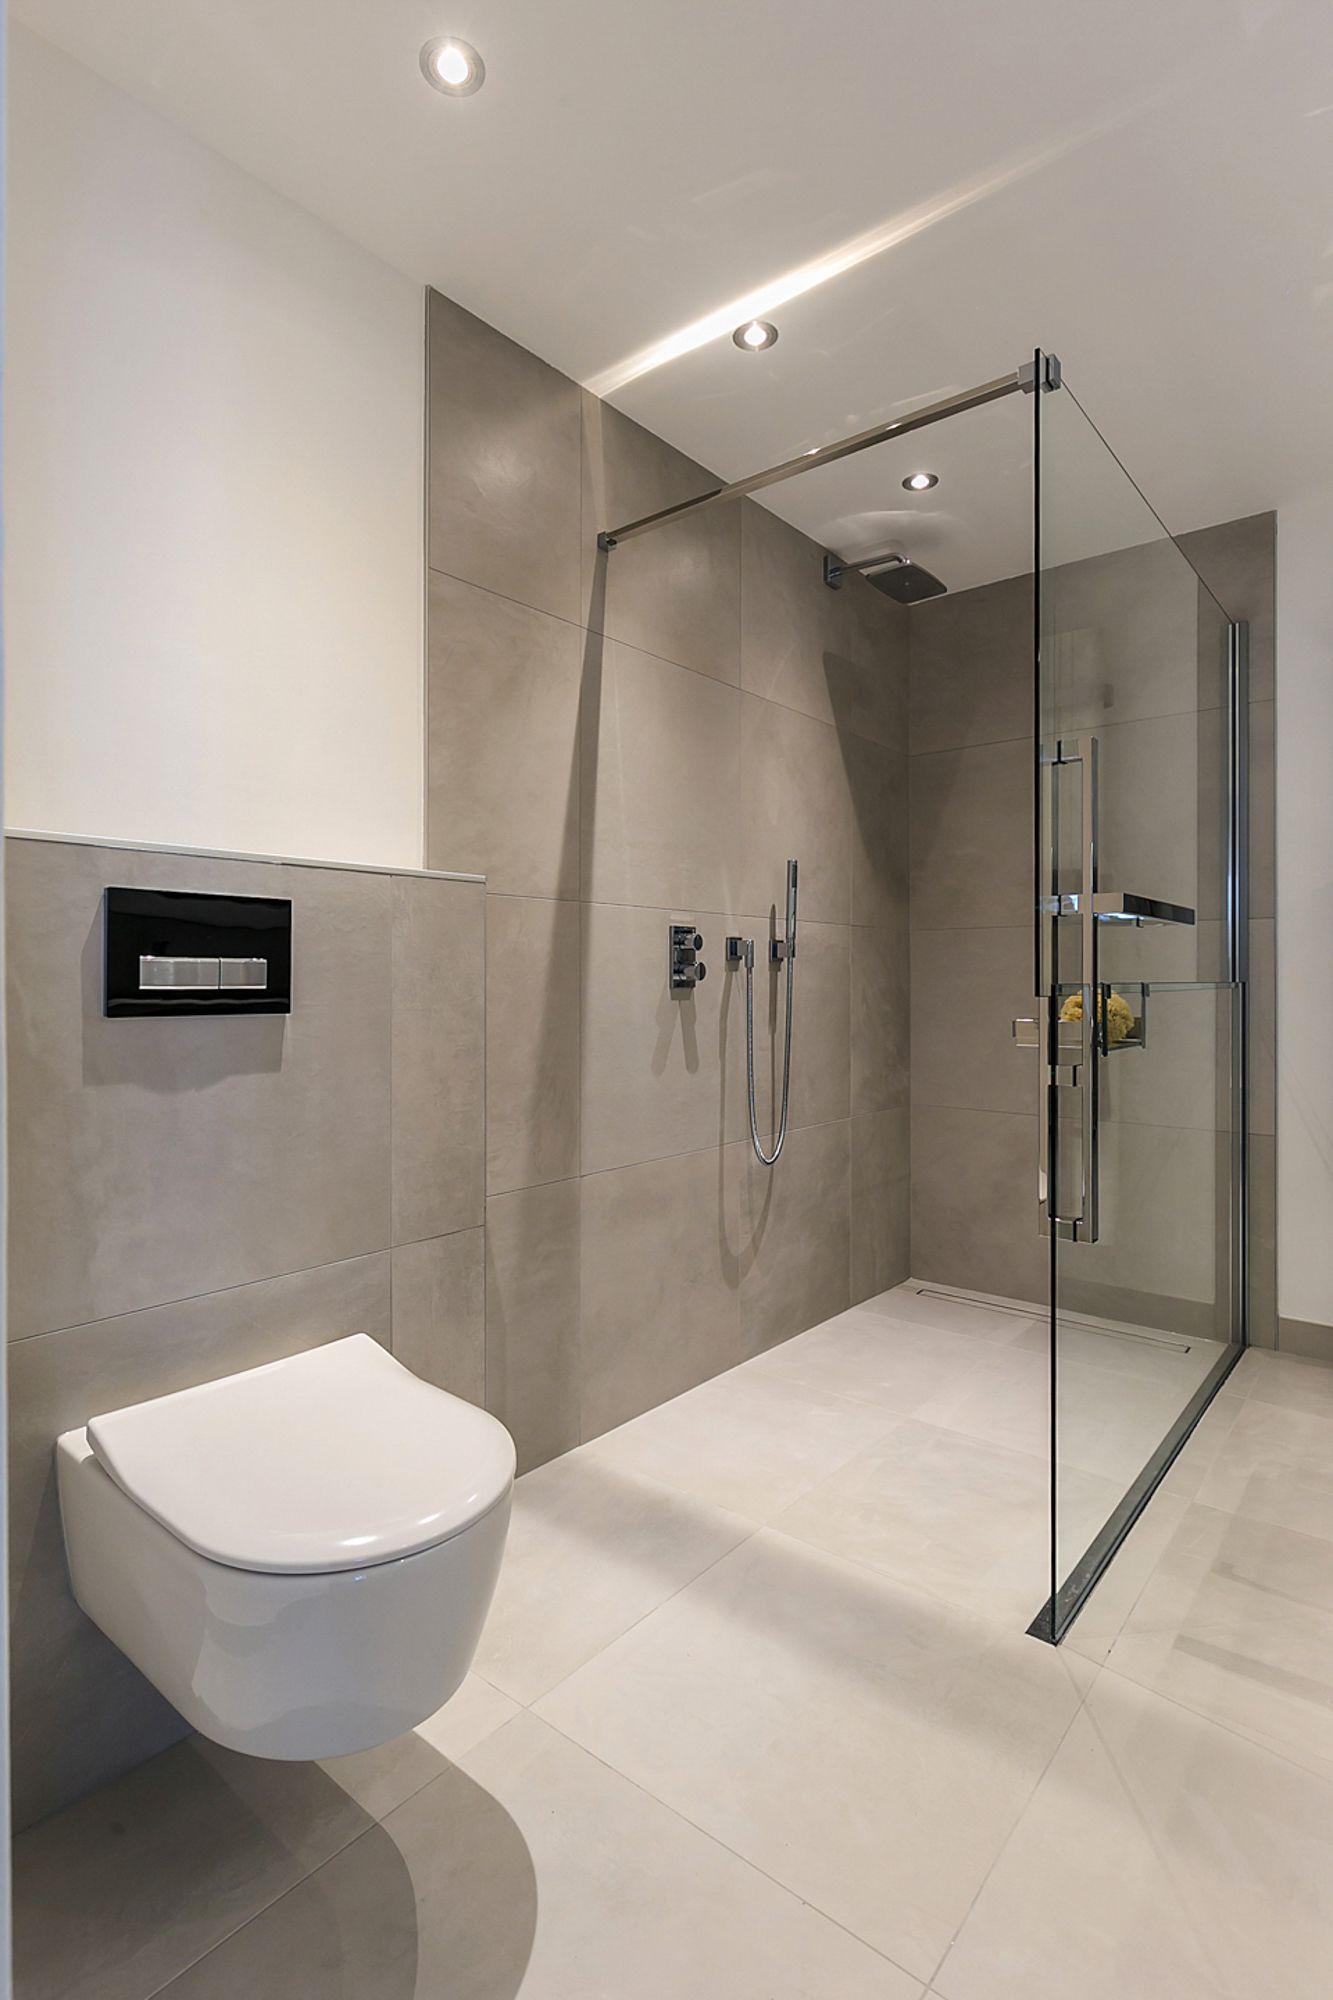 Badkamer In Oss Badkamer Badkamer Inspiratie Huis Ideeen